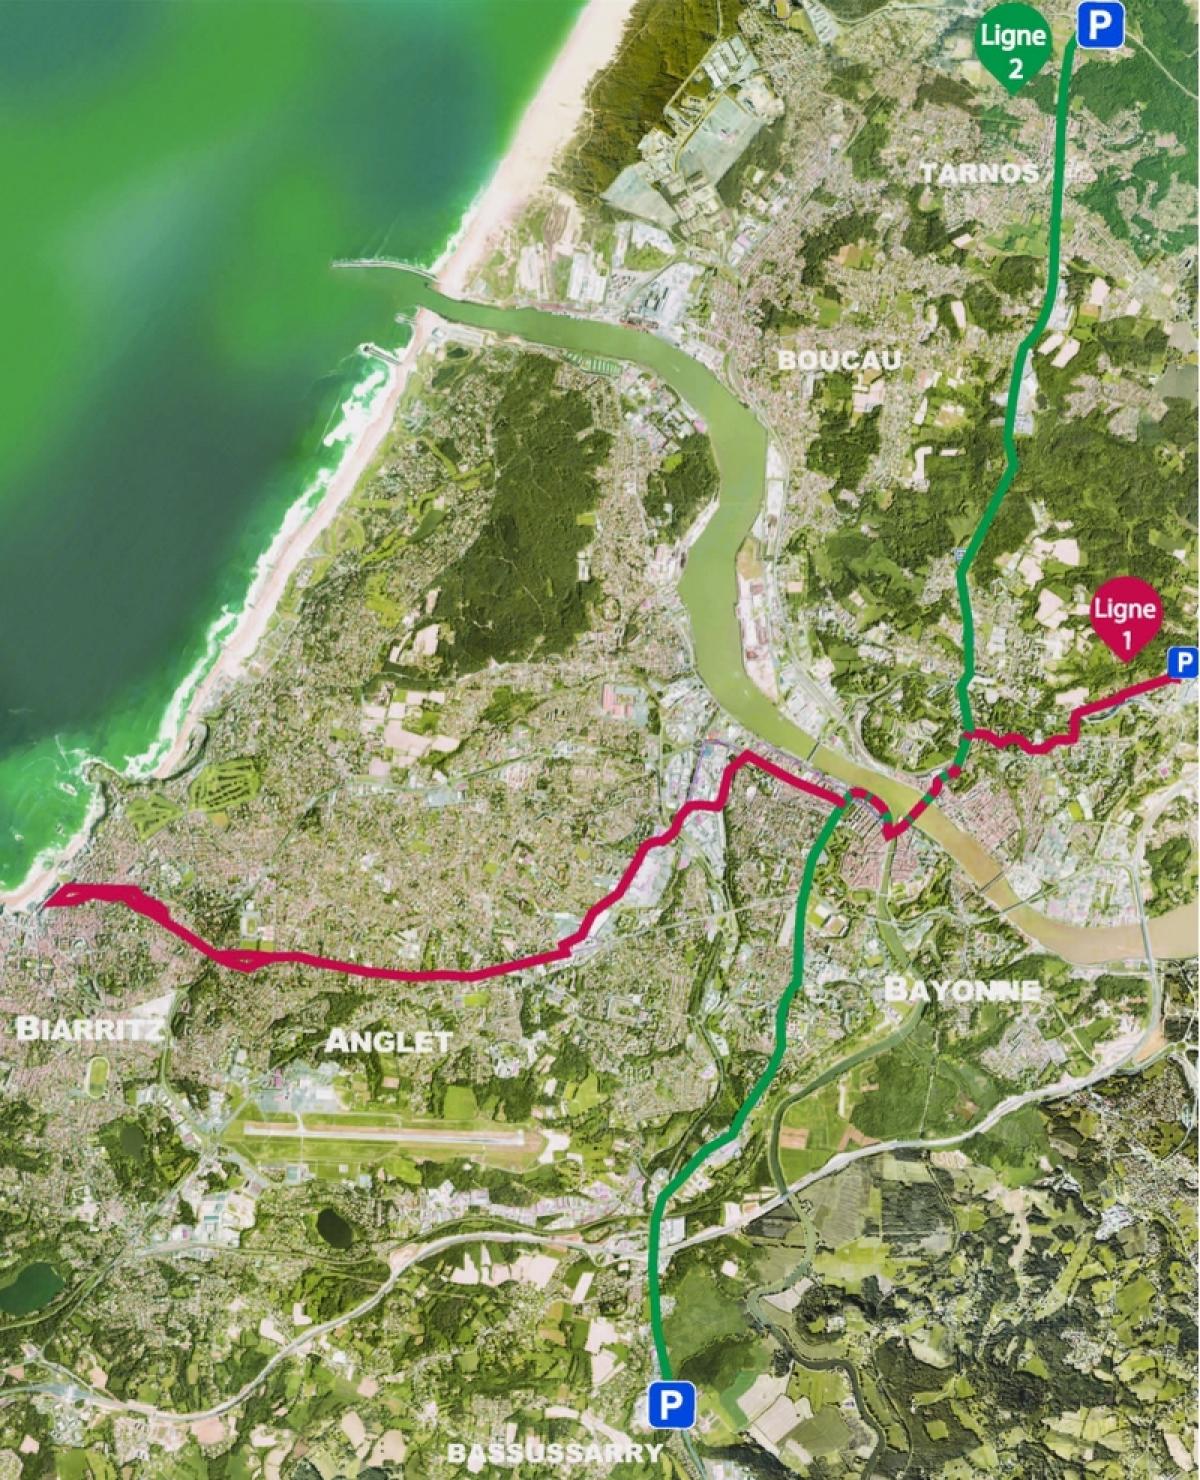 Le tracé des deux lignes de Tram'bus de Bayonne-Anglet-Biarritz